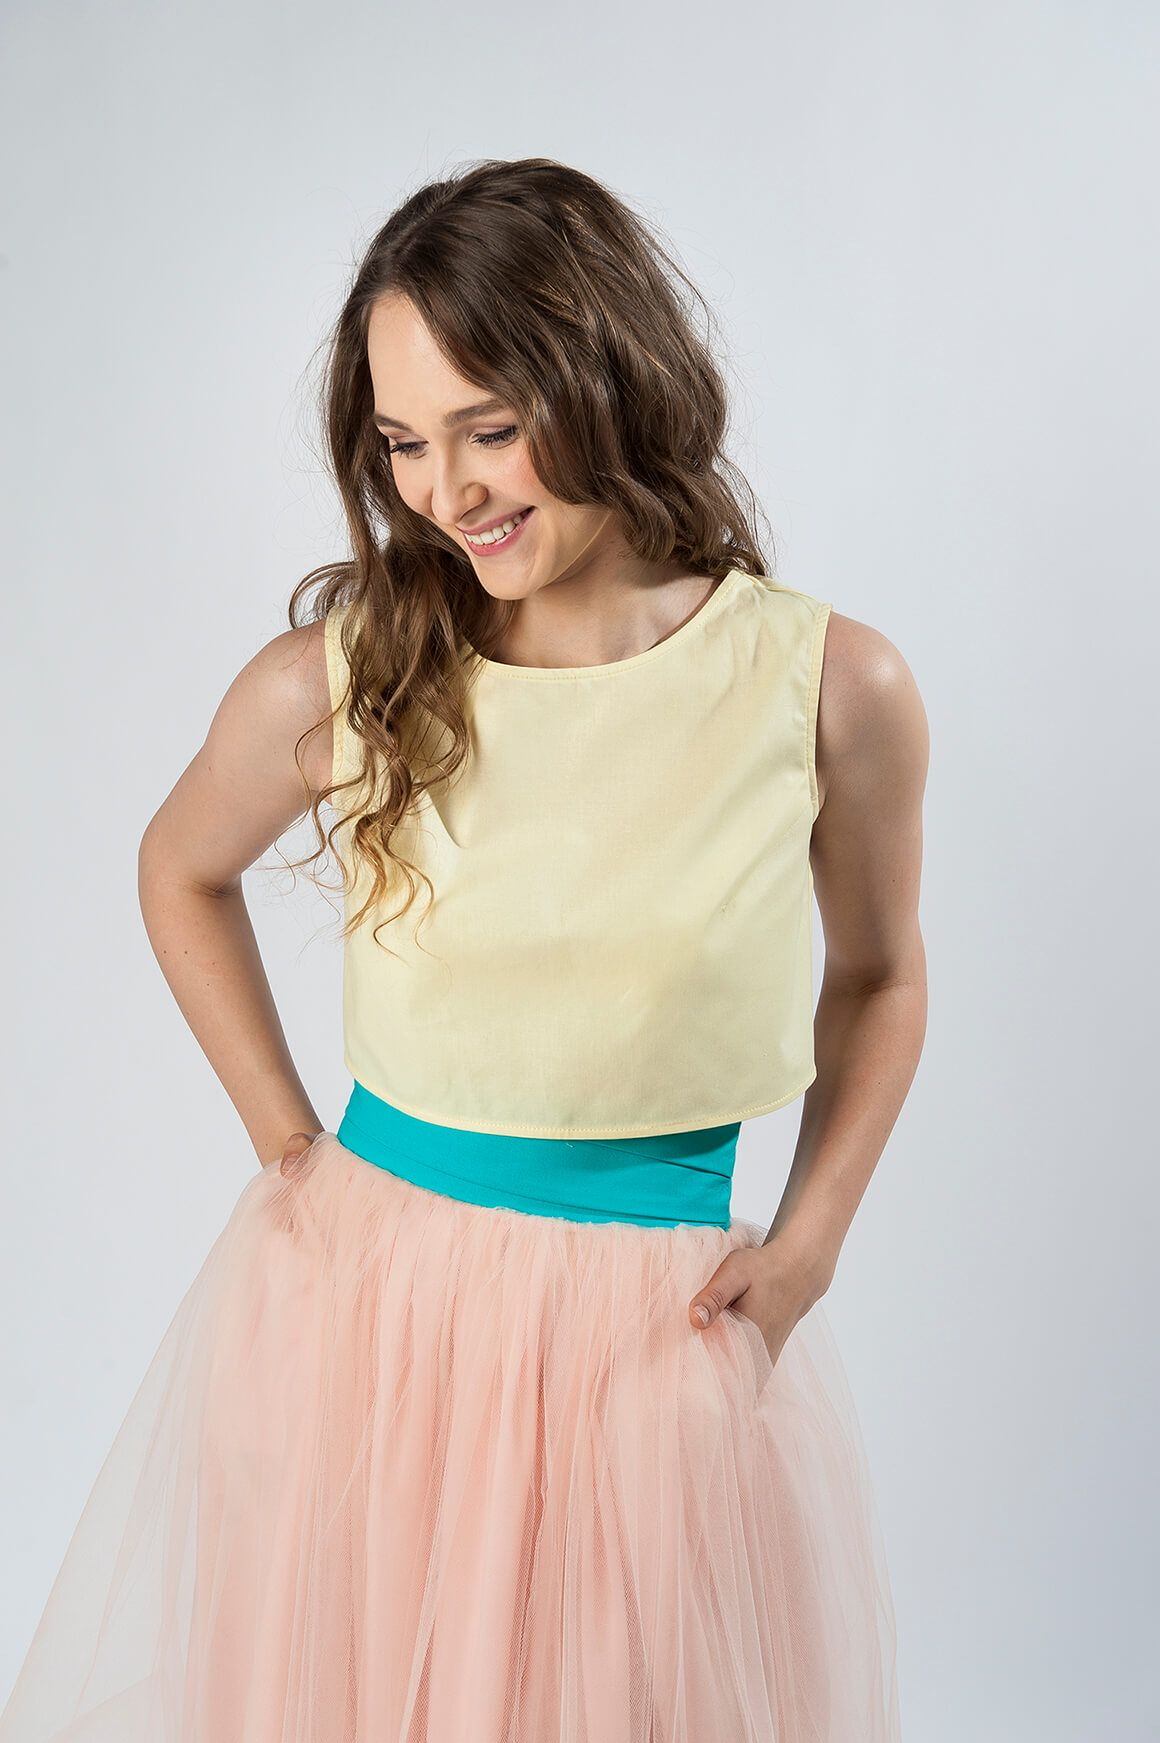 stylizacja studniówkowa różowa spódnica tiulowa złote dodatki